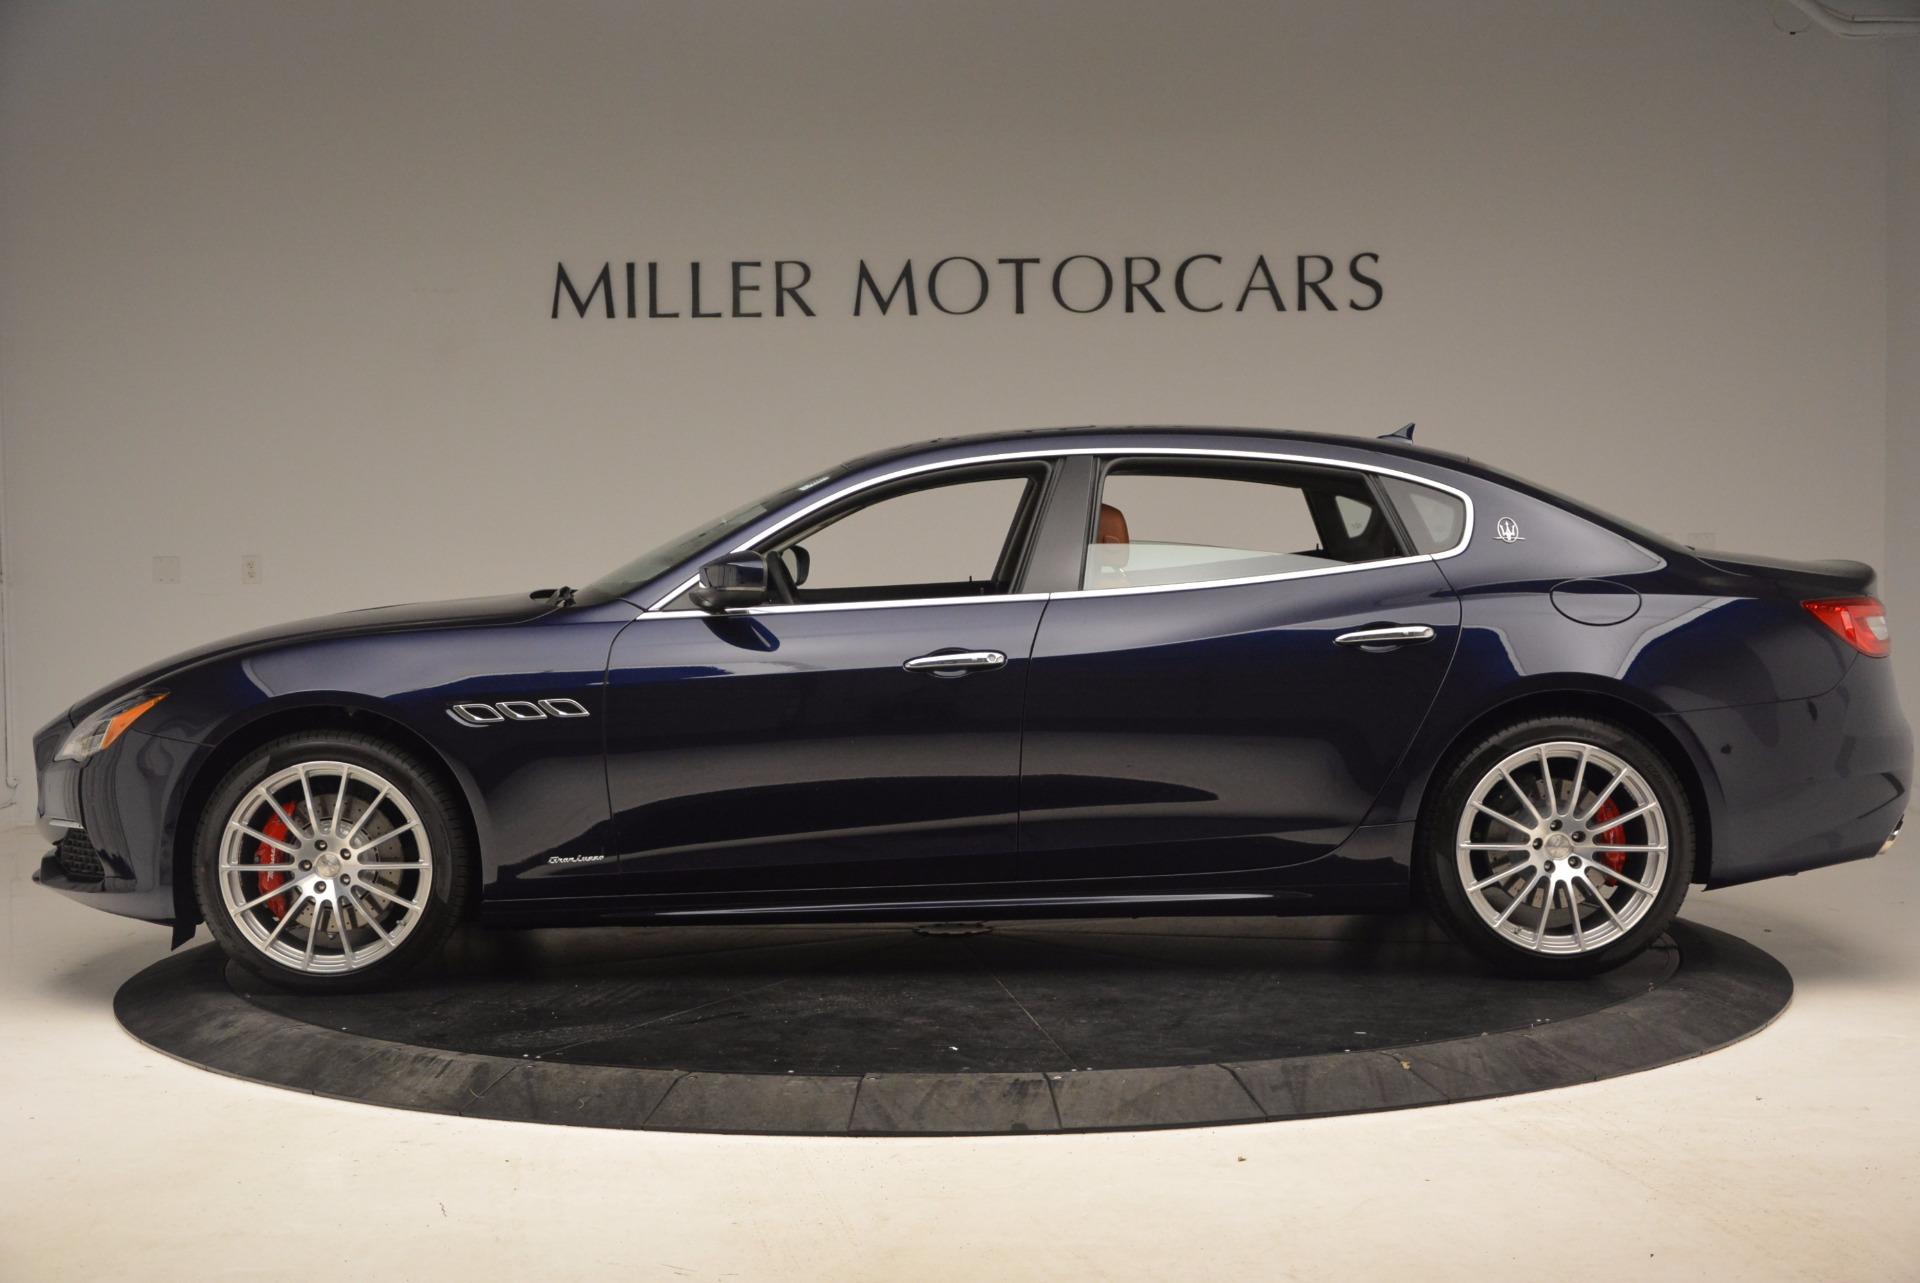 Used 2018 Maserati Quattroporte S Q4 GranLusso For Sale In Greenwich, CT 1572_p3